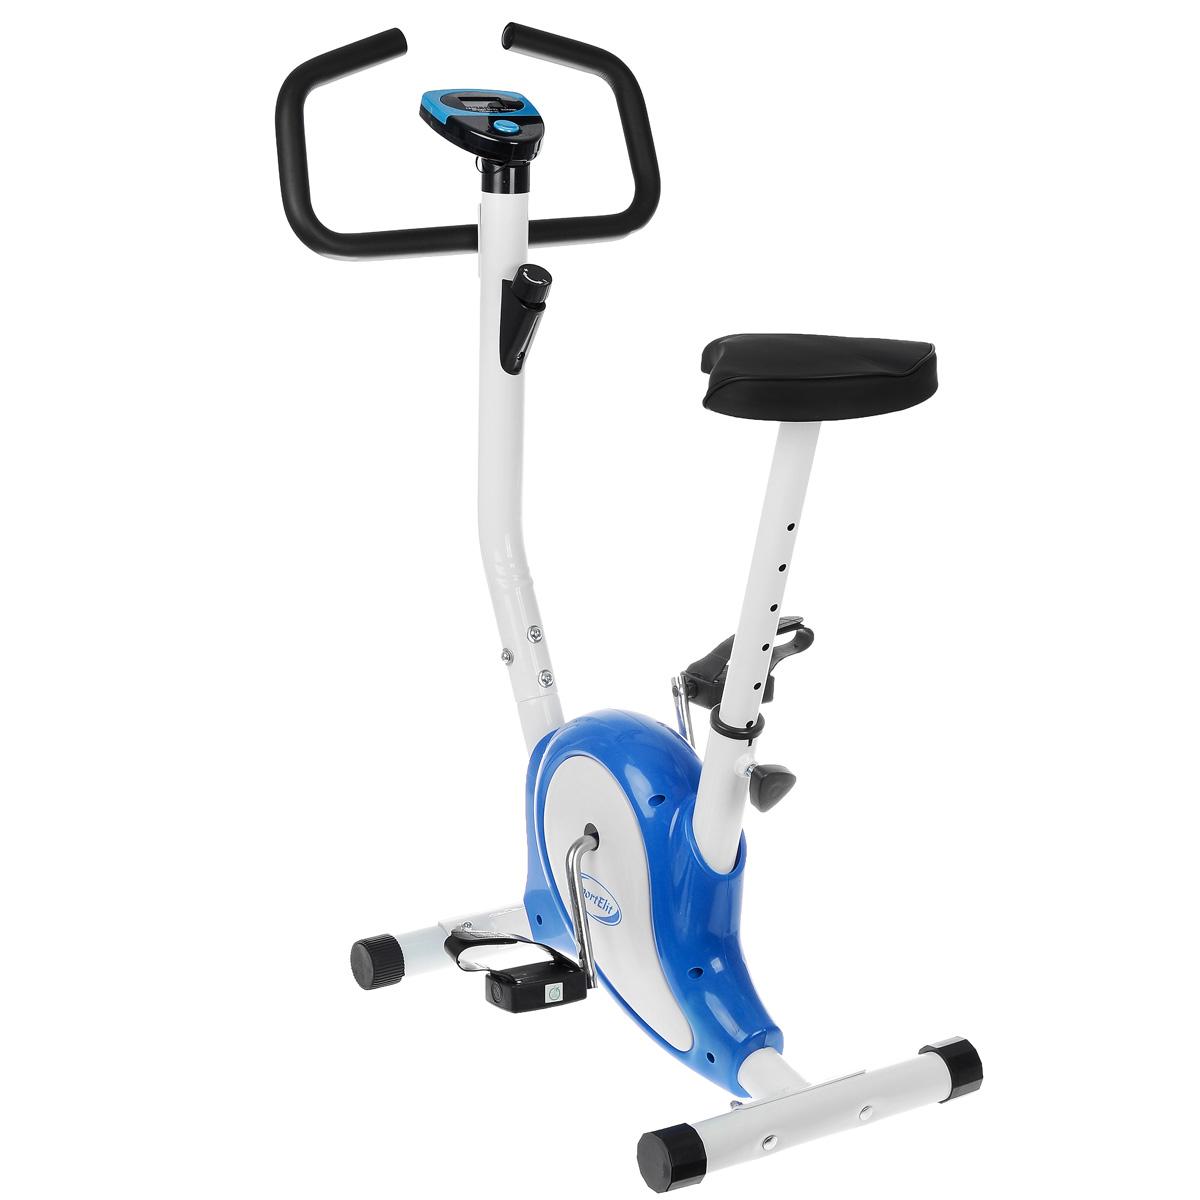 Горизонтальный велотренажер для дома: какие мышцы работают, сравнение с вертикальным вариантом и какой лучше выбрать?